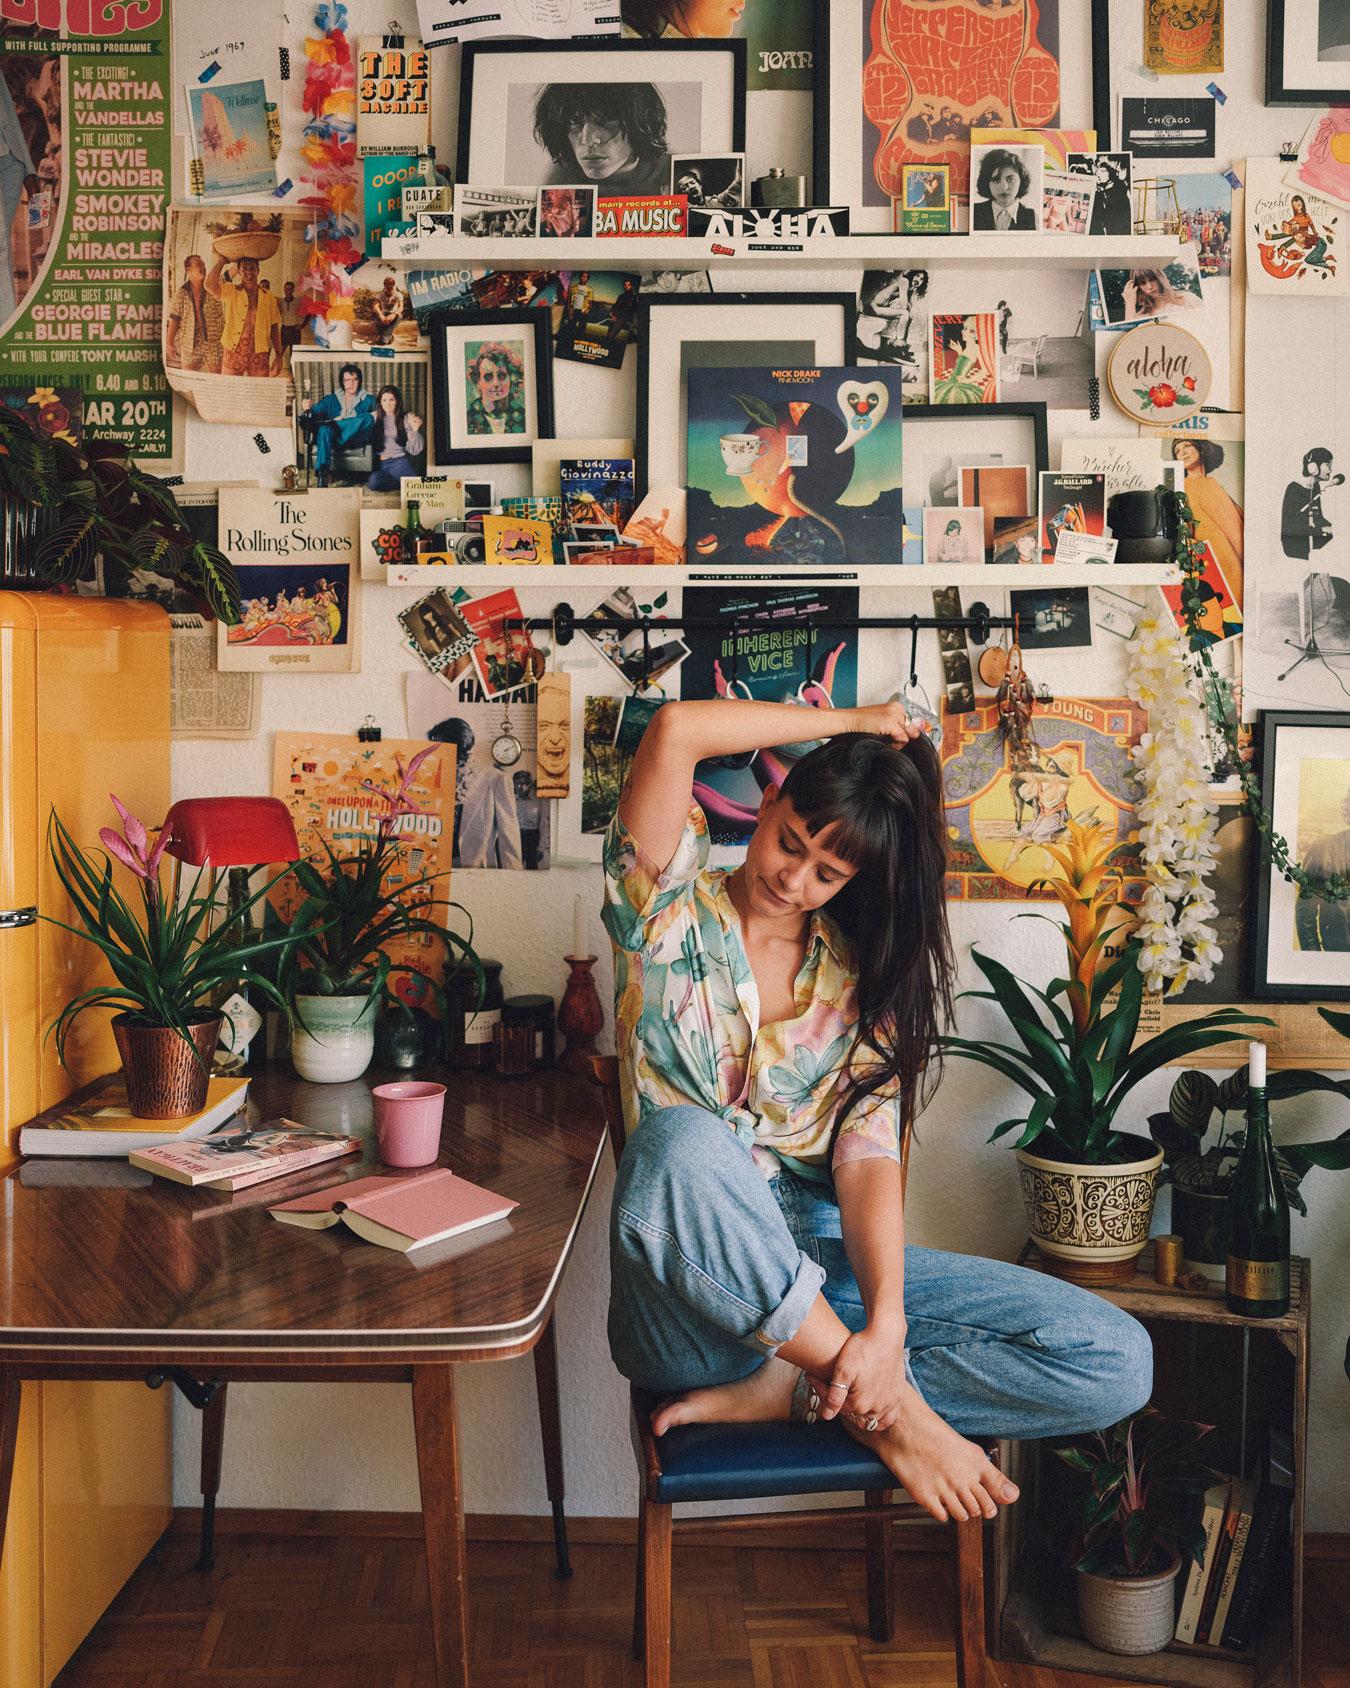 Frau sitzt vor Wand mit Bildern und Bromelien Junestorm